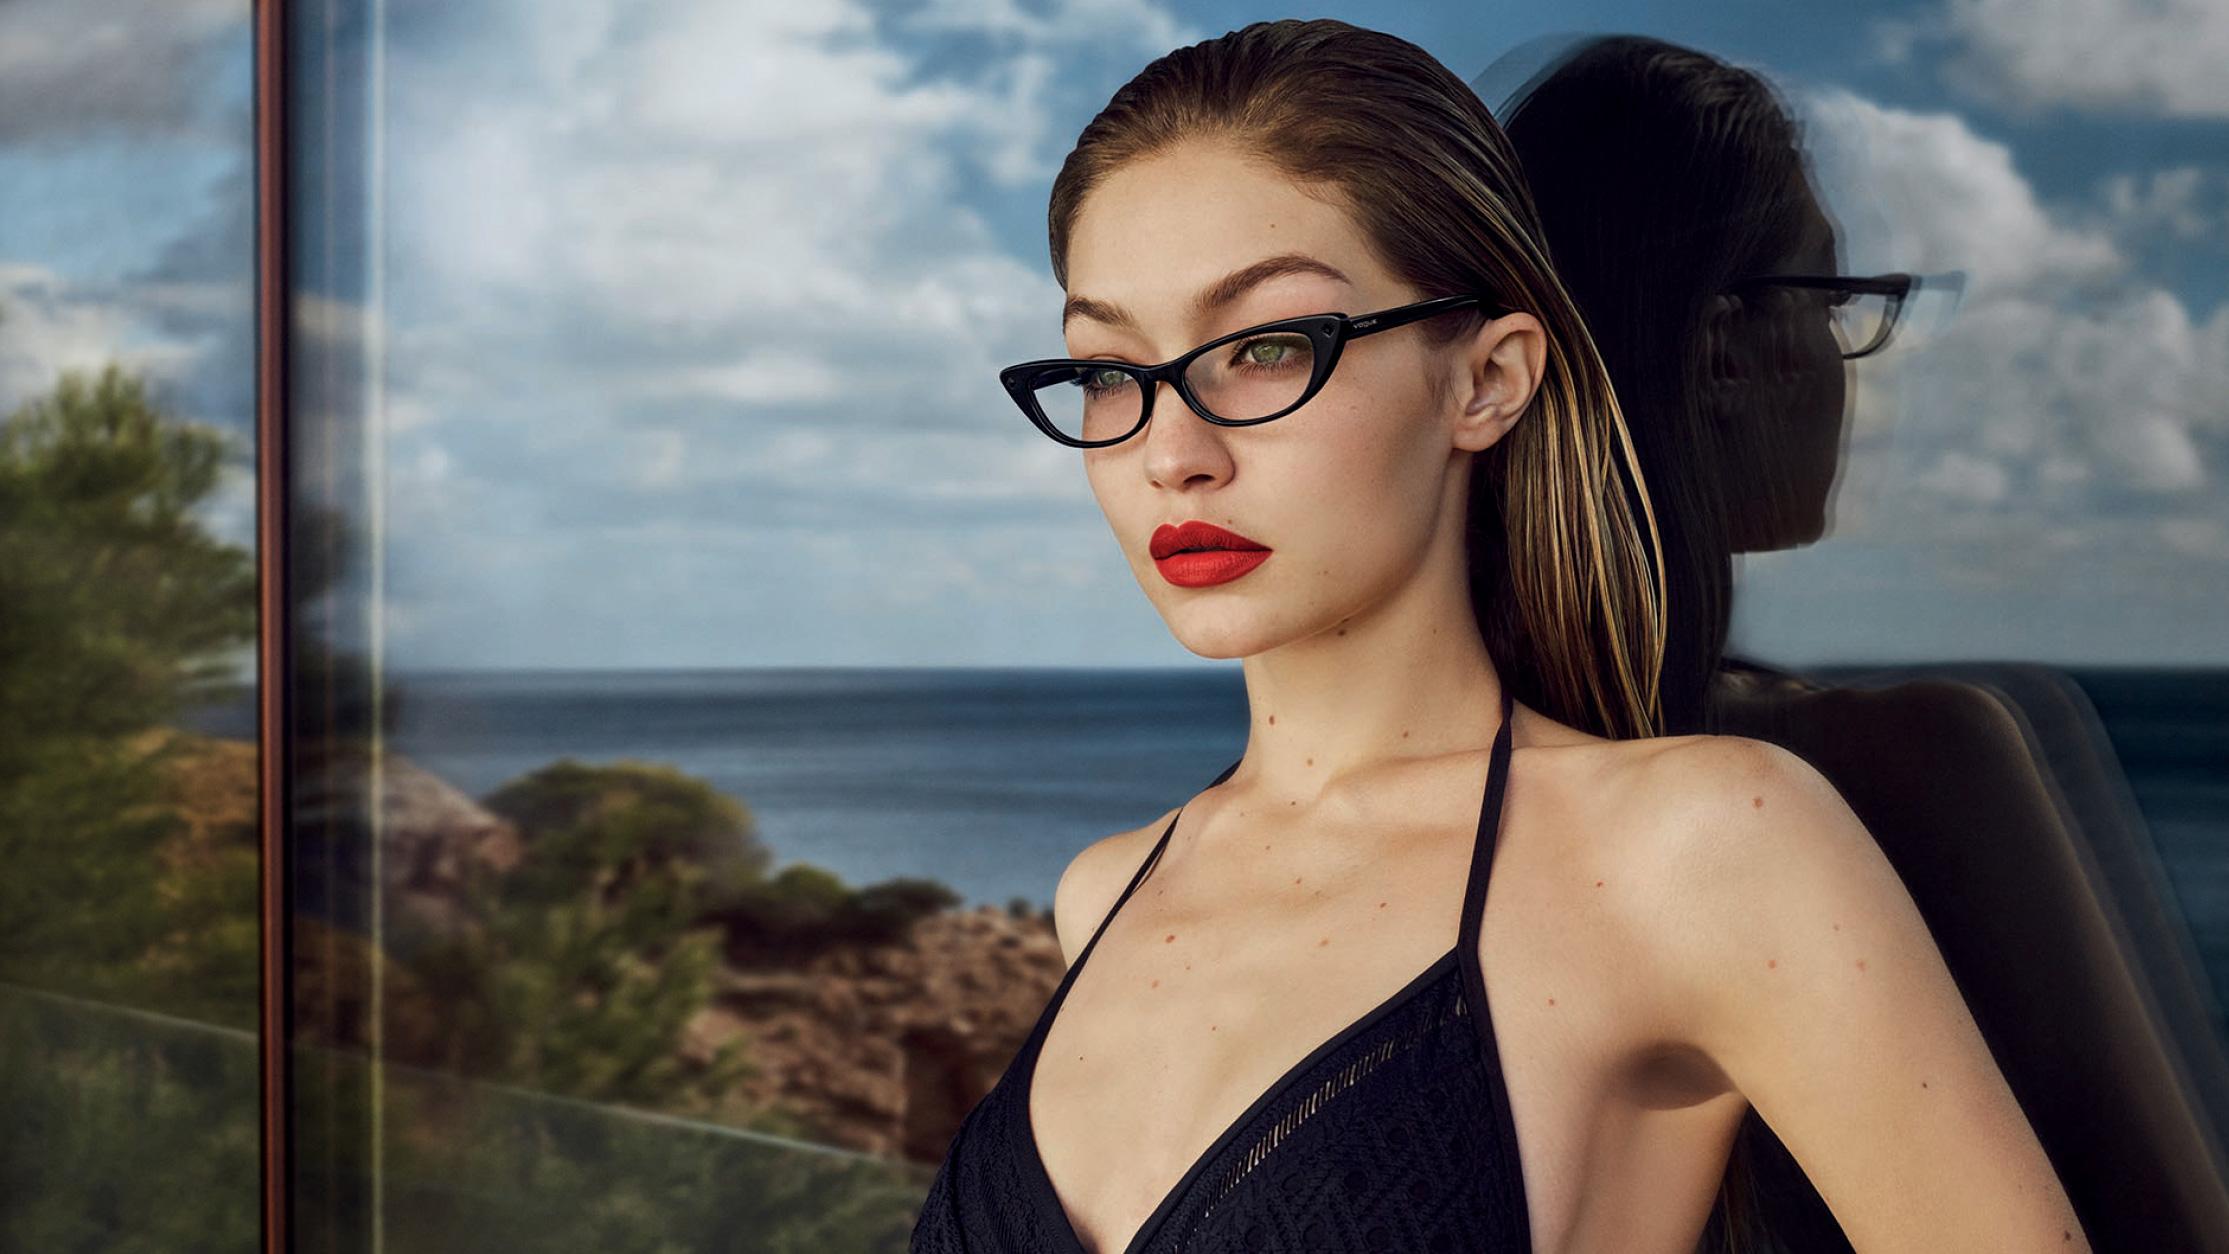 Vogue Magazine Gigi Hadid Photoshoot, February 2019 Issue